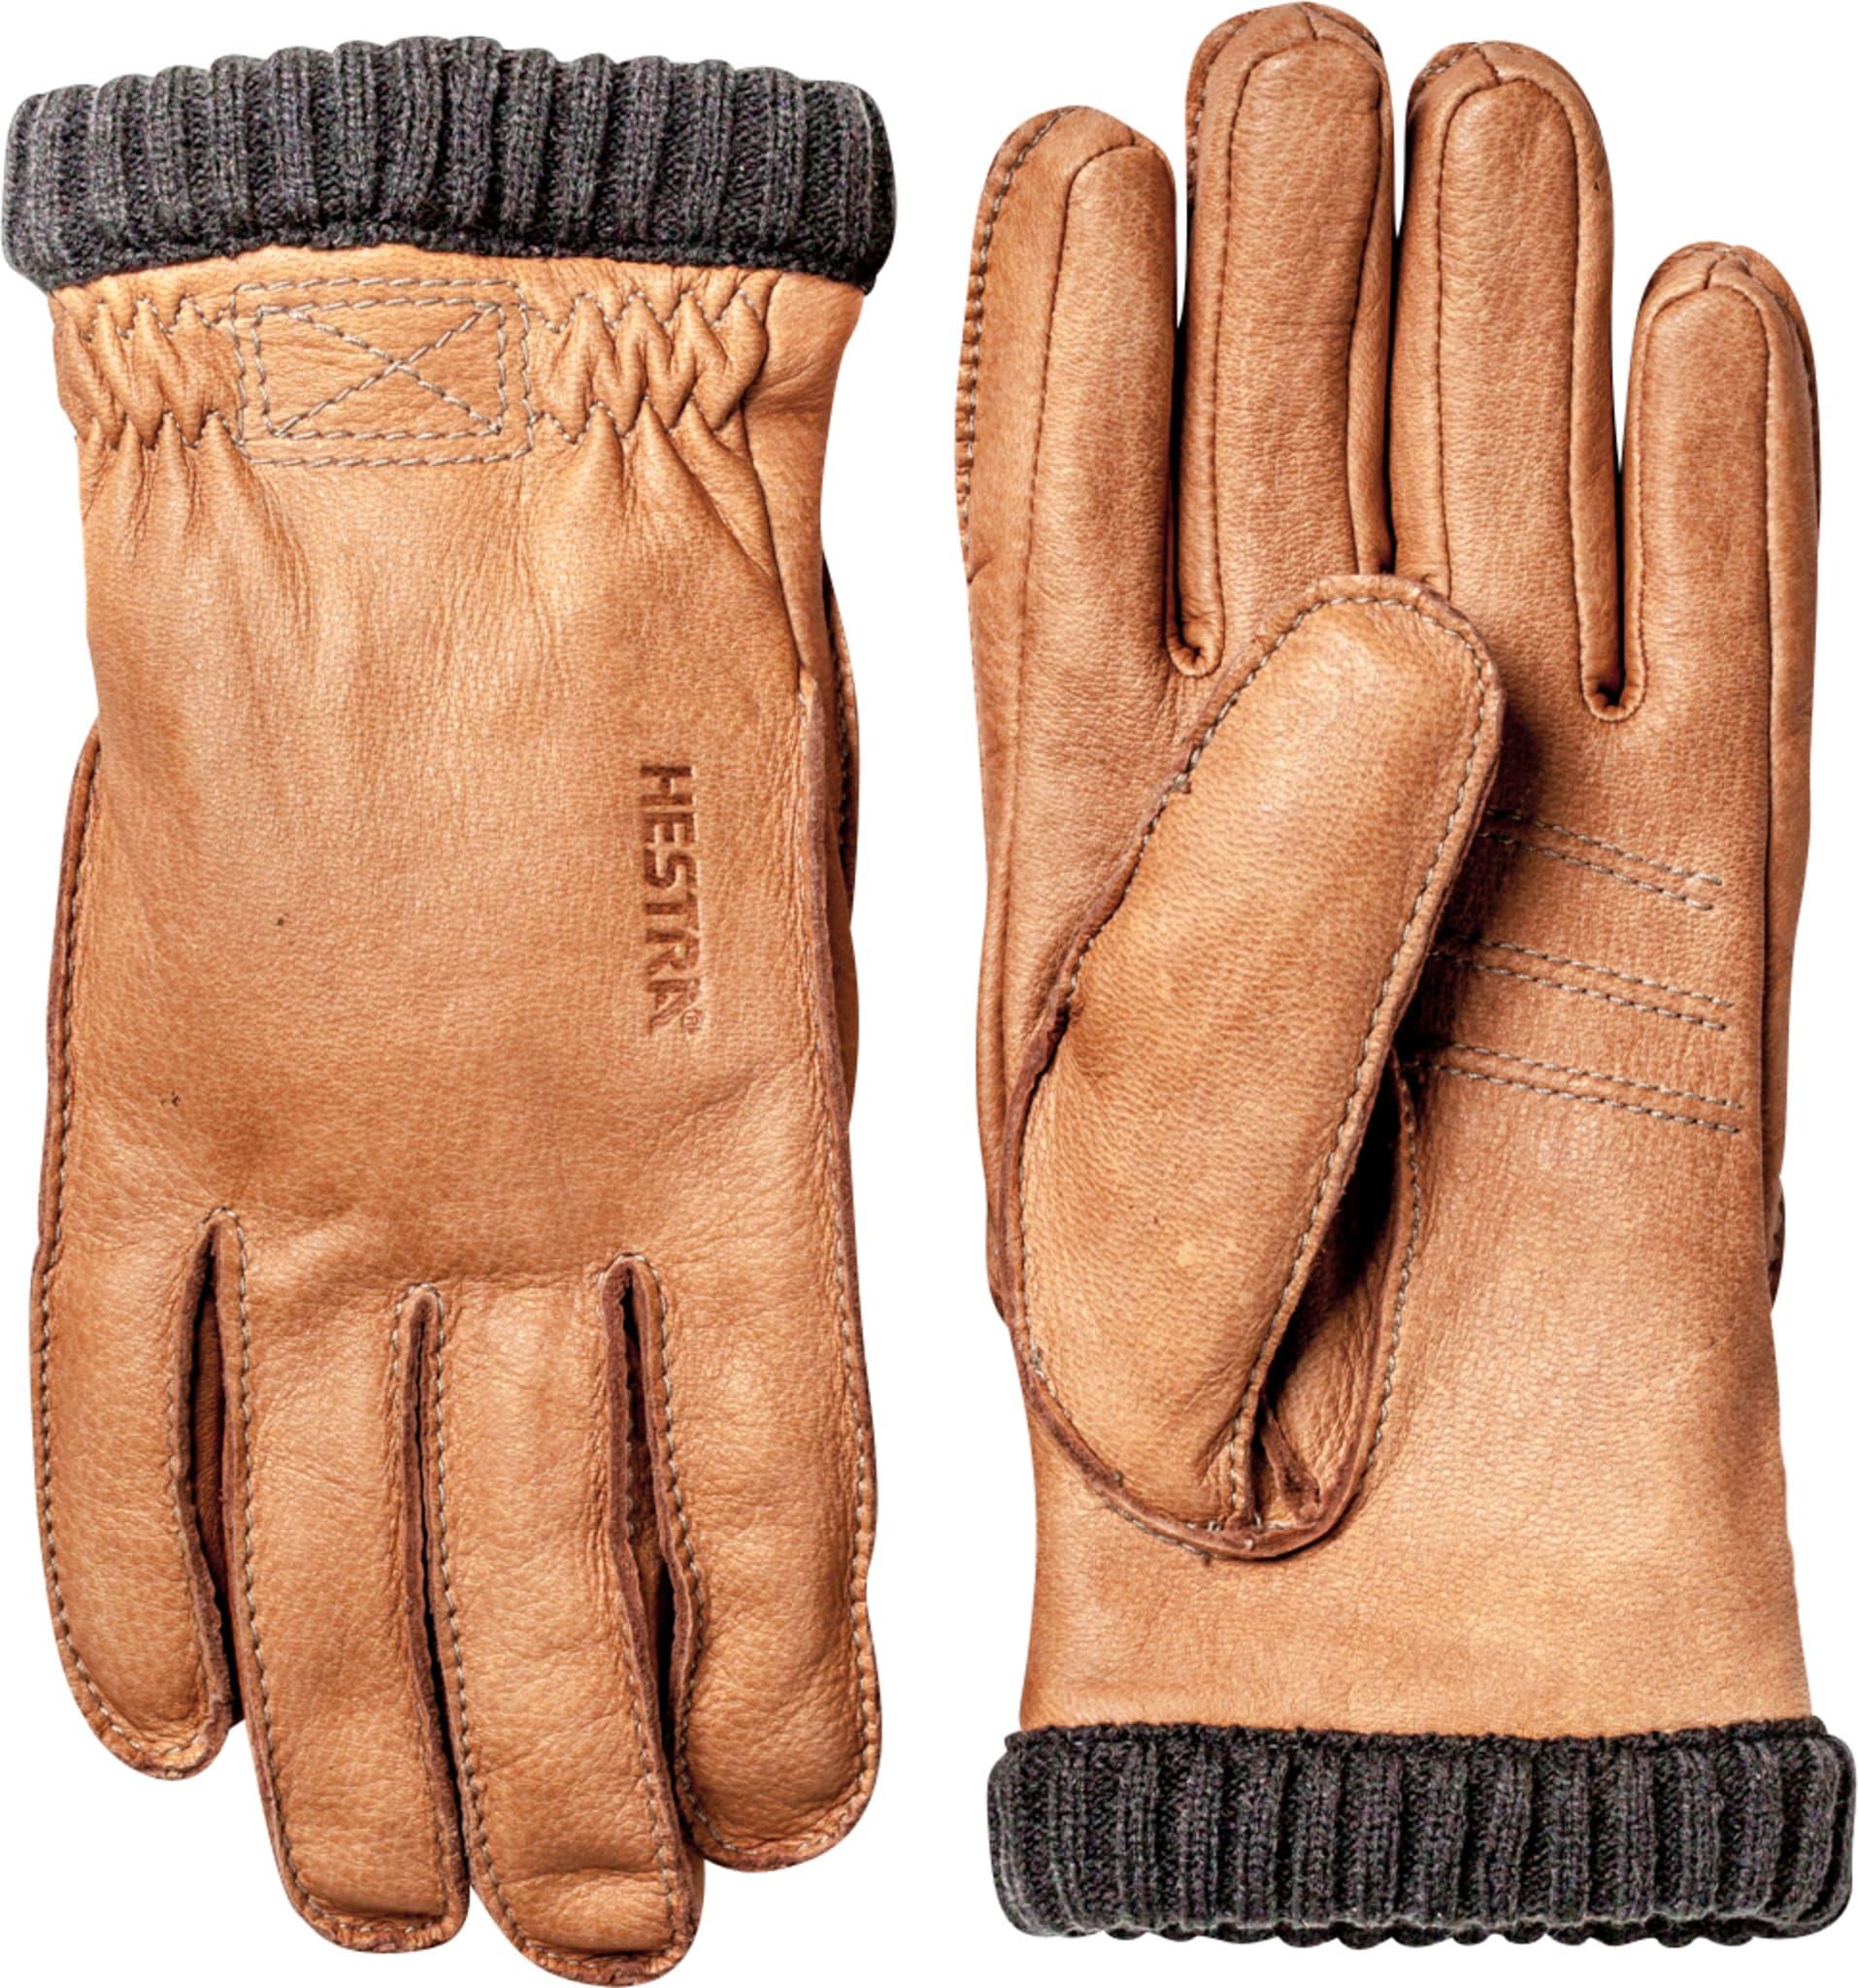 Myk og varm hanske med en strikket mansjett